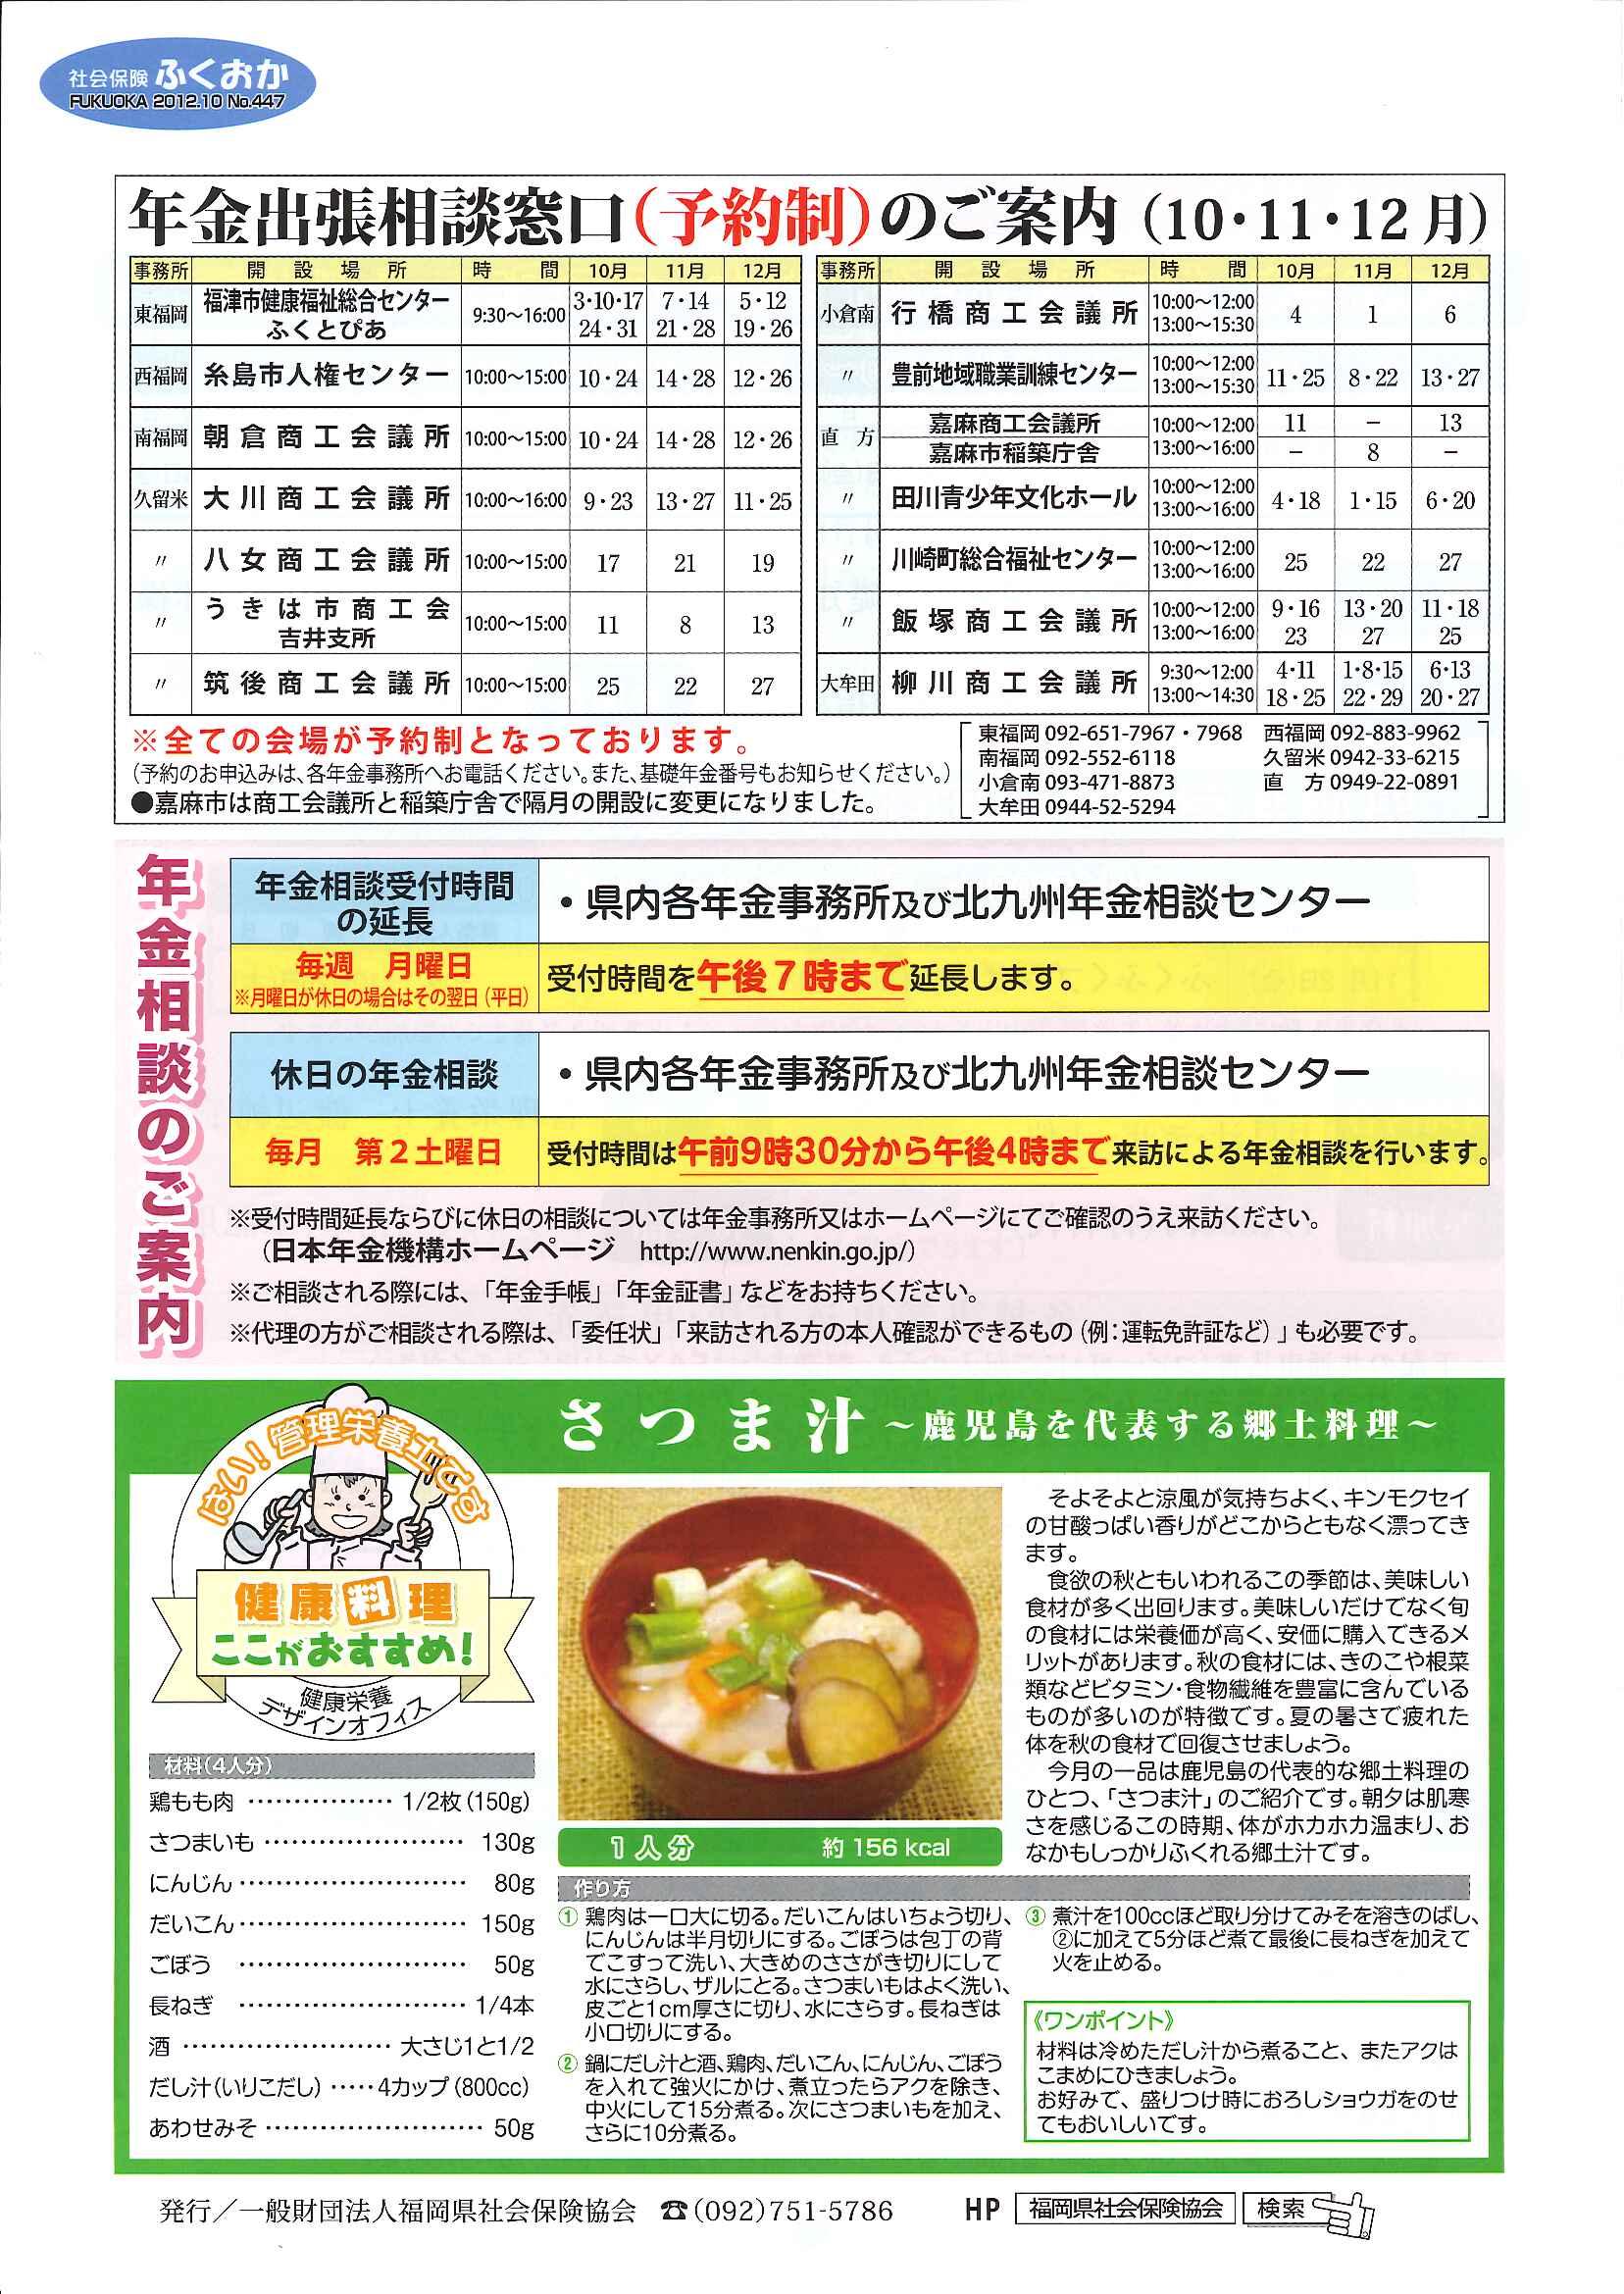 社会保険 ふくおか 2012 10月号_f0120774_13515057.jpg